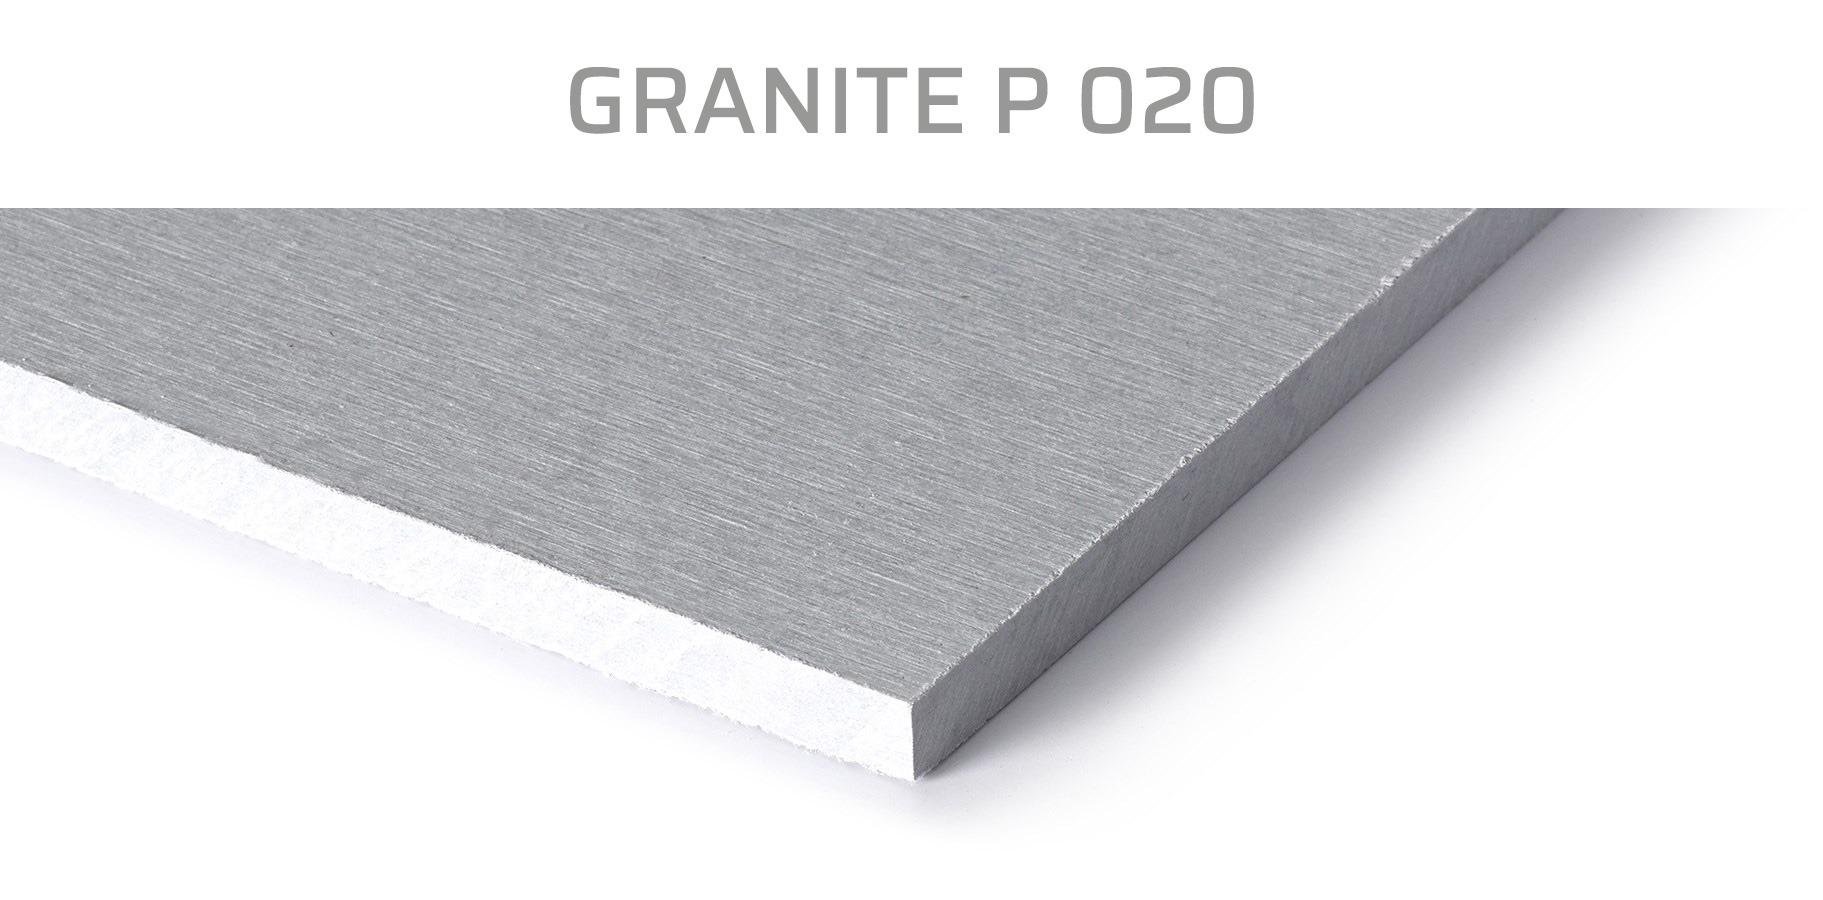 fibre cement board granite